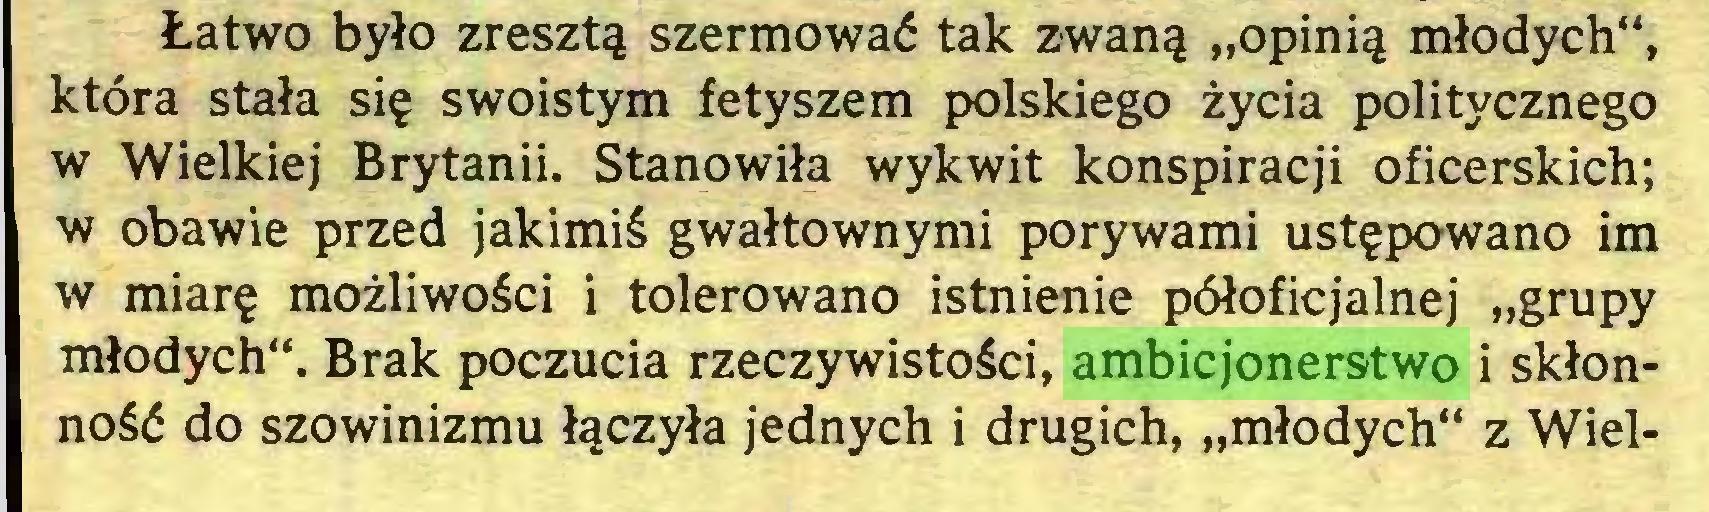 """(...) Łatwo było zresztą szermować tak zwaną """"opinią młodych"""", która stała się swoistym fetyszem polskiego życia politycznego w Wielkiej Brytanii. Stanowiła wykwit konspiracji oficerskich; w obawie przed jakimiś gwałtownymi porywami ustępowano im w miarę możliwości i tolerowano istnienie półoficjalnej """"grupy młodych"""". Brak poczucia rzeczywistości, ambicjonerstwo i skłonność do szowinizmu łączyła jednych i drugich, """"młodych"""" z Wiel..."""